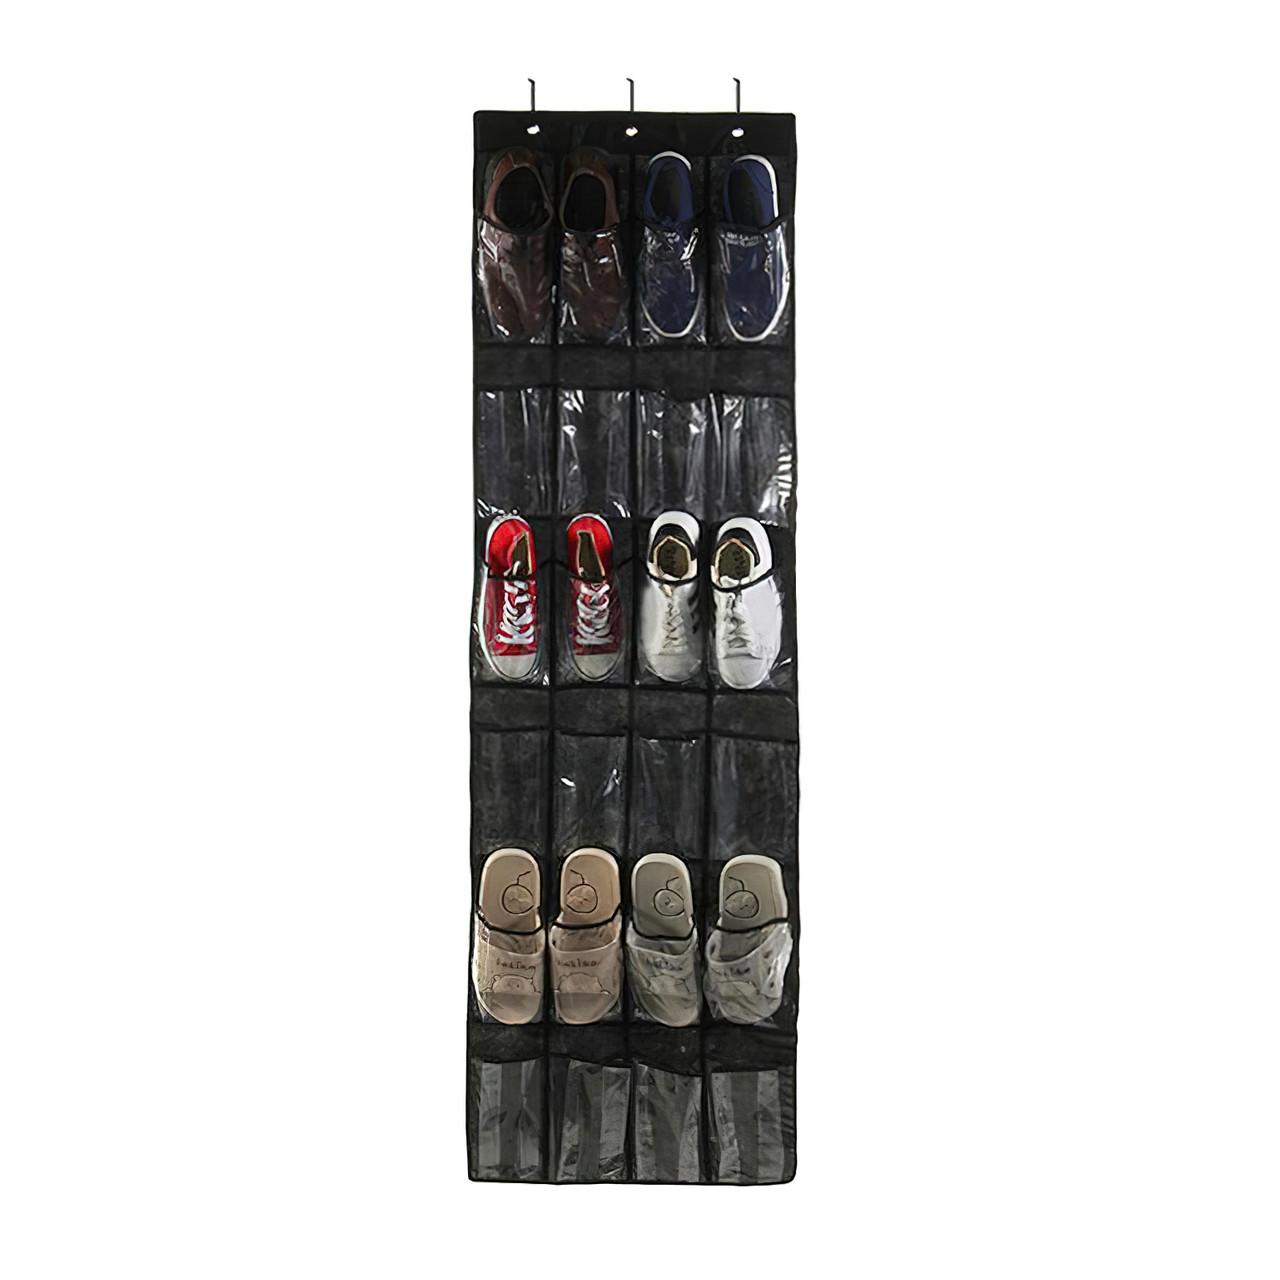 Органайзер для обуви на дверь Черный 148*45 см 24 кармана, органайзер для тапочек   органайзер для взуття (GK)